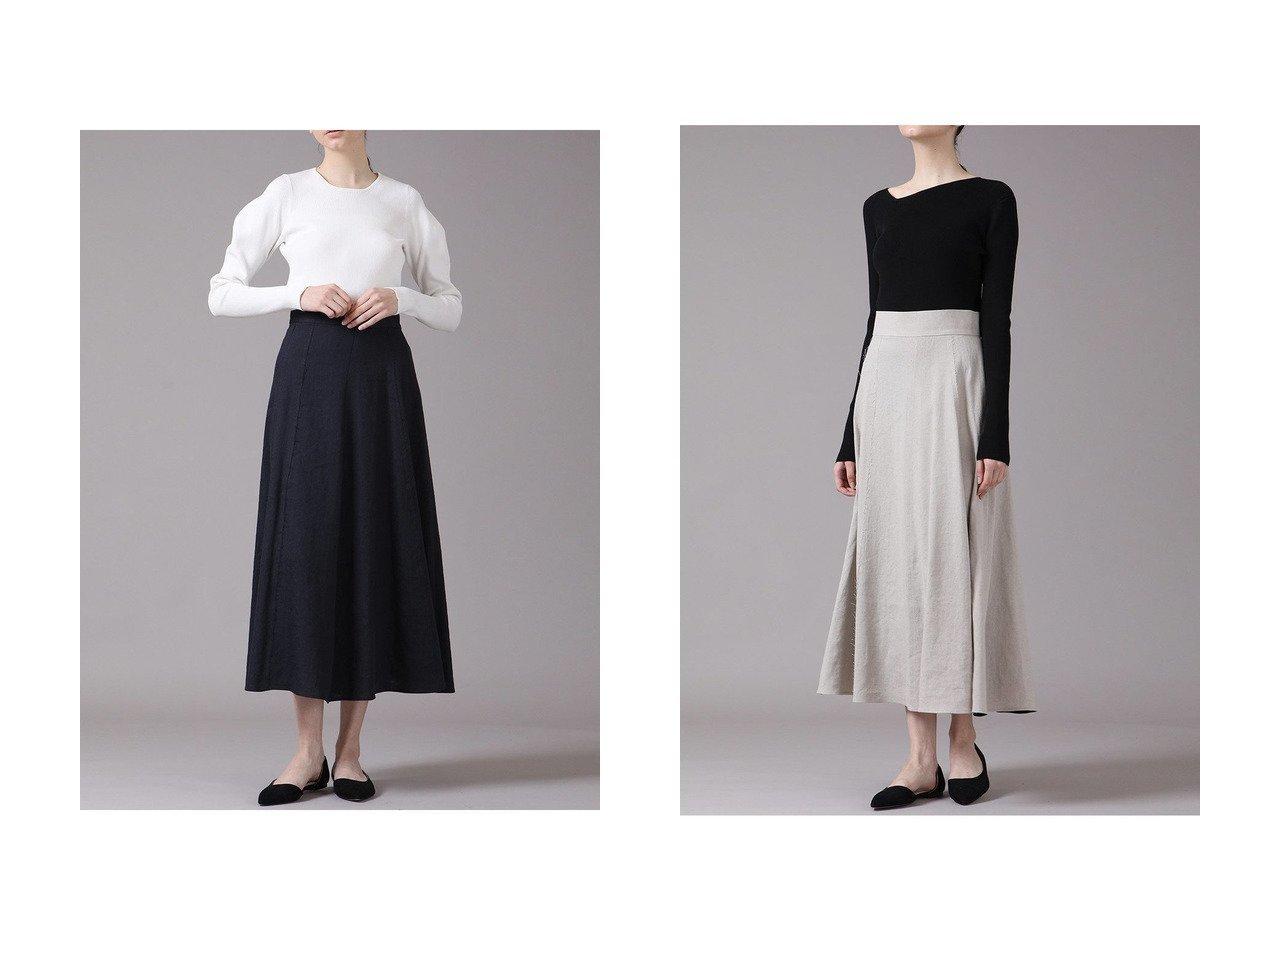 【ESSEN LAUTREAMONT/エッセン ロートレアモン】のWONDER LINENスカート 【スカート】おすすめ!人気、トレンド・レディースファッションの通販 おすすめで人気の流行・トレンド、ファッションの通販商品 メンズファッション・キッズファッション・インテリア・家具・レディースファッション・服の通販 founy(ファニー) https://founy.com/ ファッション Fashion レディースファッション WOMEN スカート Skirt アシンメトリー ストレッチ フレア マキシ リネン ロング |ID:crp329100000036698